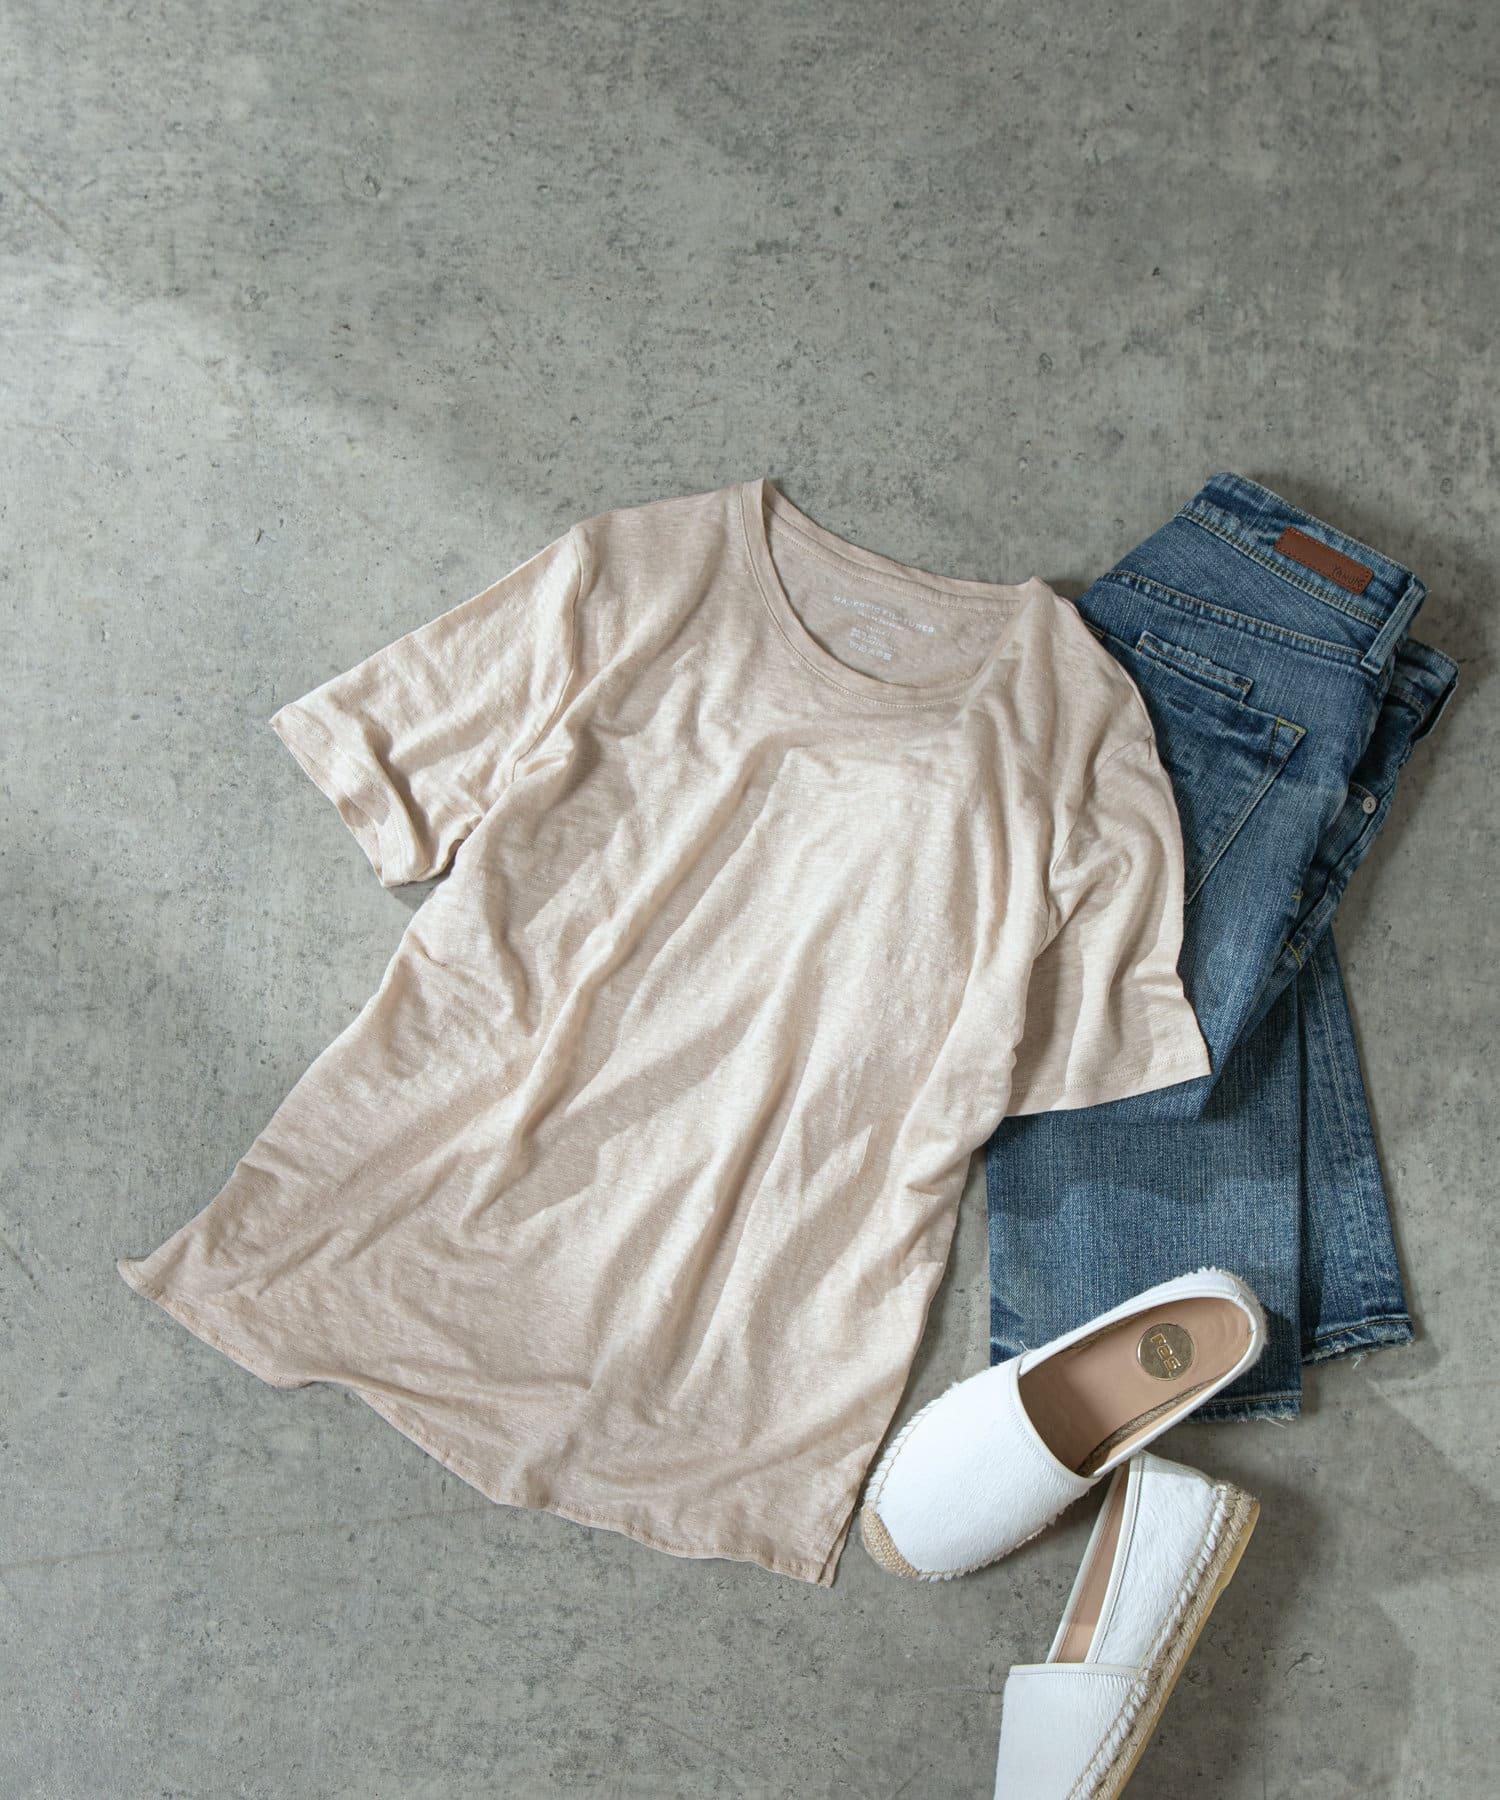 LIVETART(リヴェタート) 《MAJESTIC FILATURES》ボートネック半袖Tシャツ